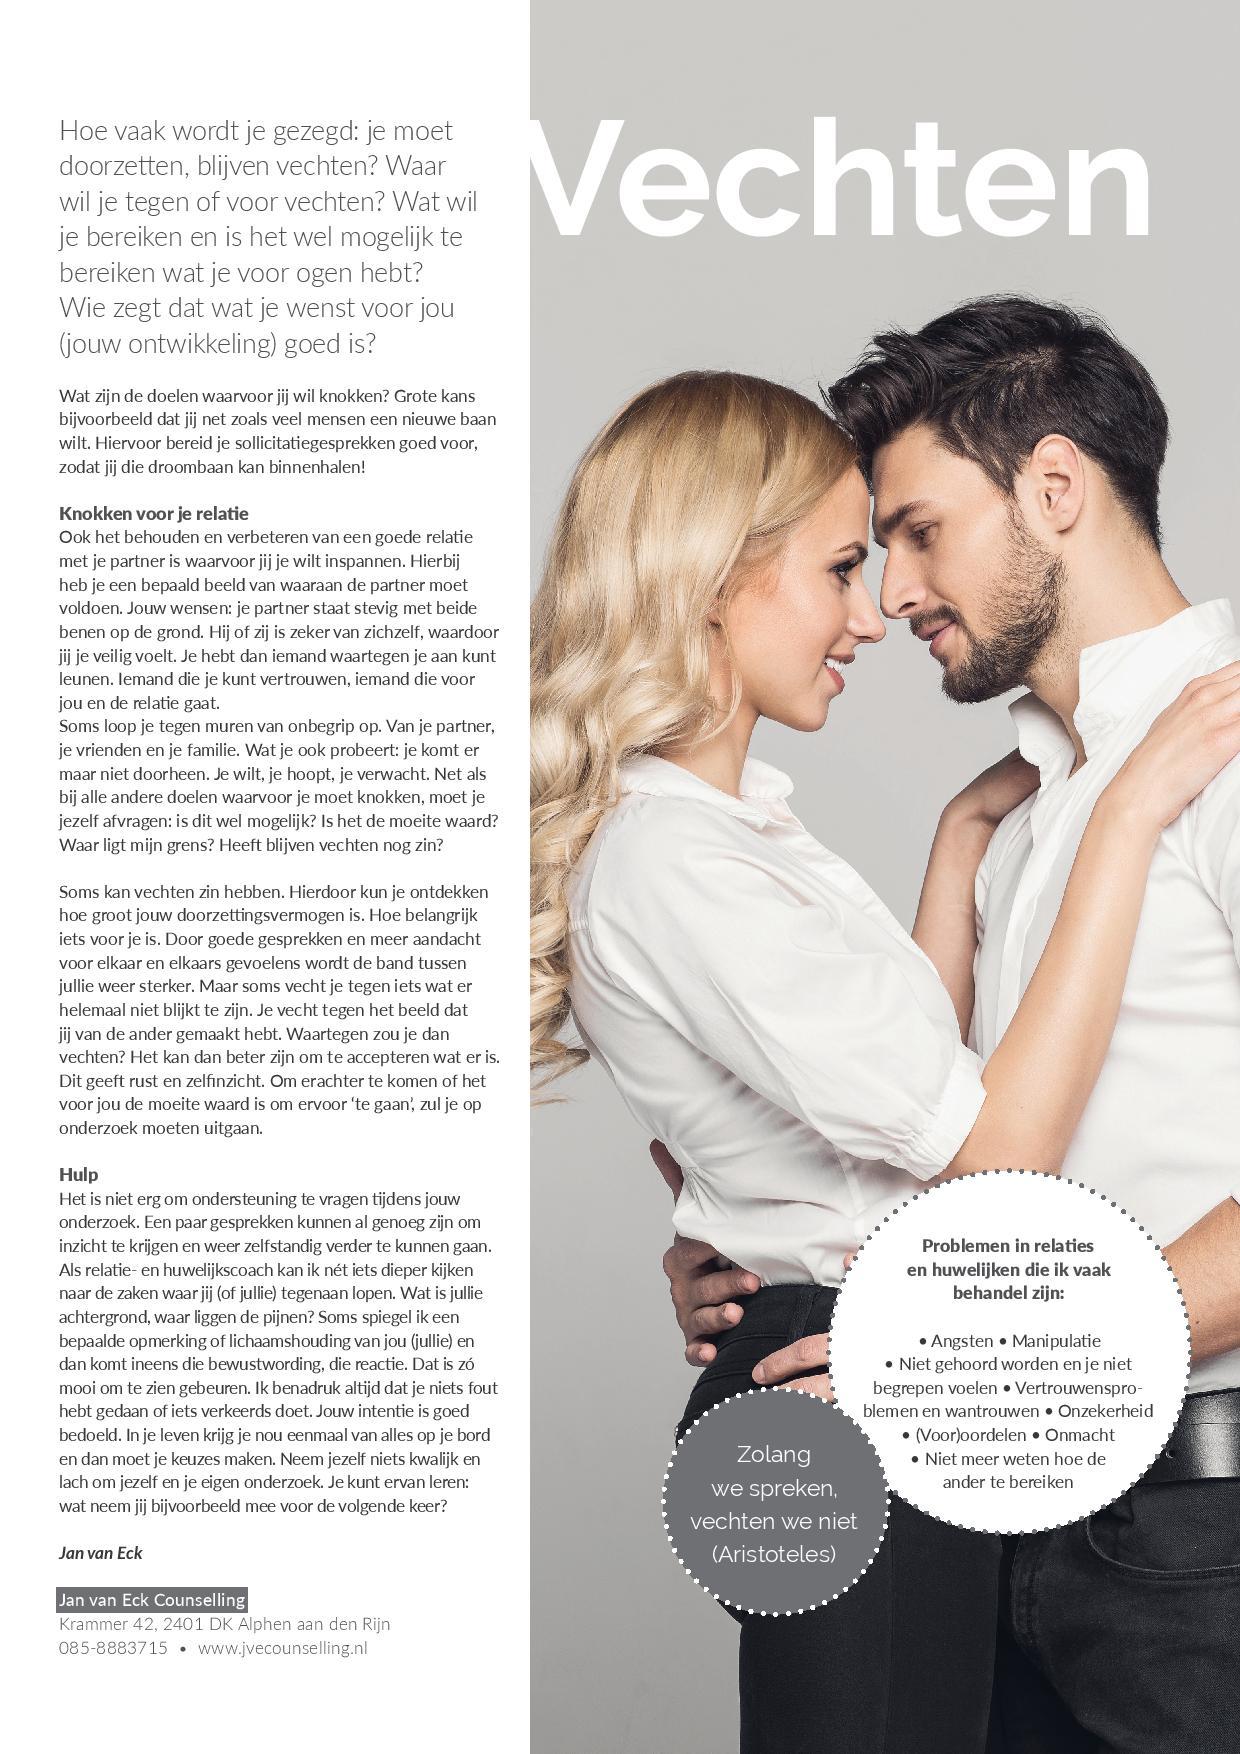 Vechten in een relatie - Relatietherapeut Jan van Eck